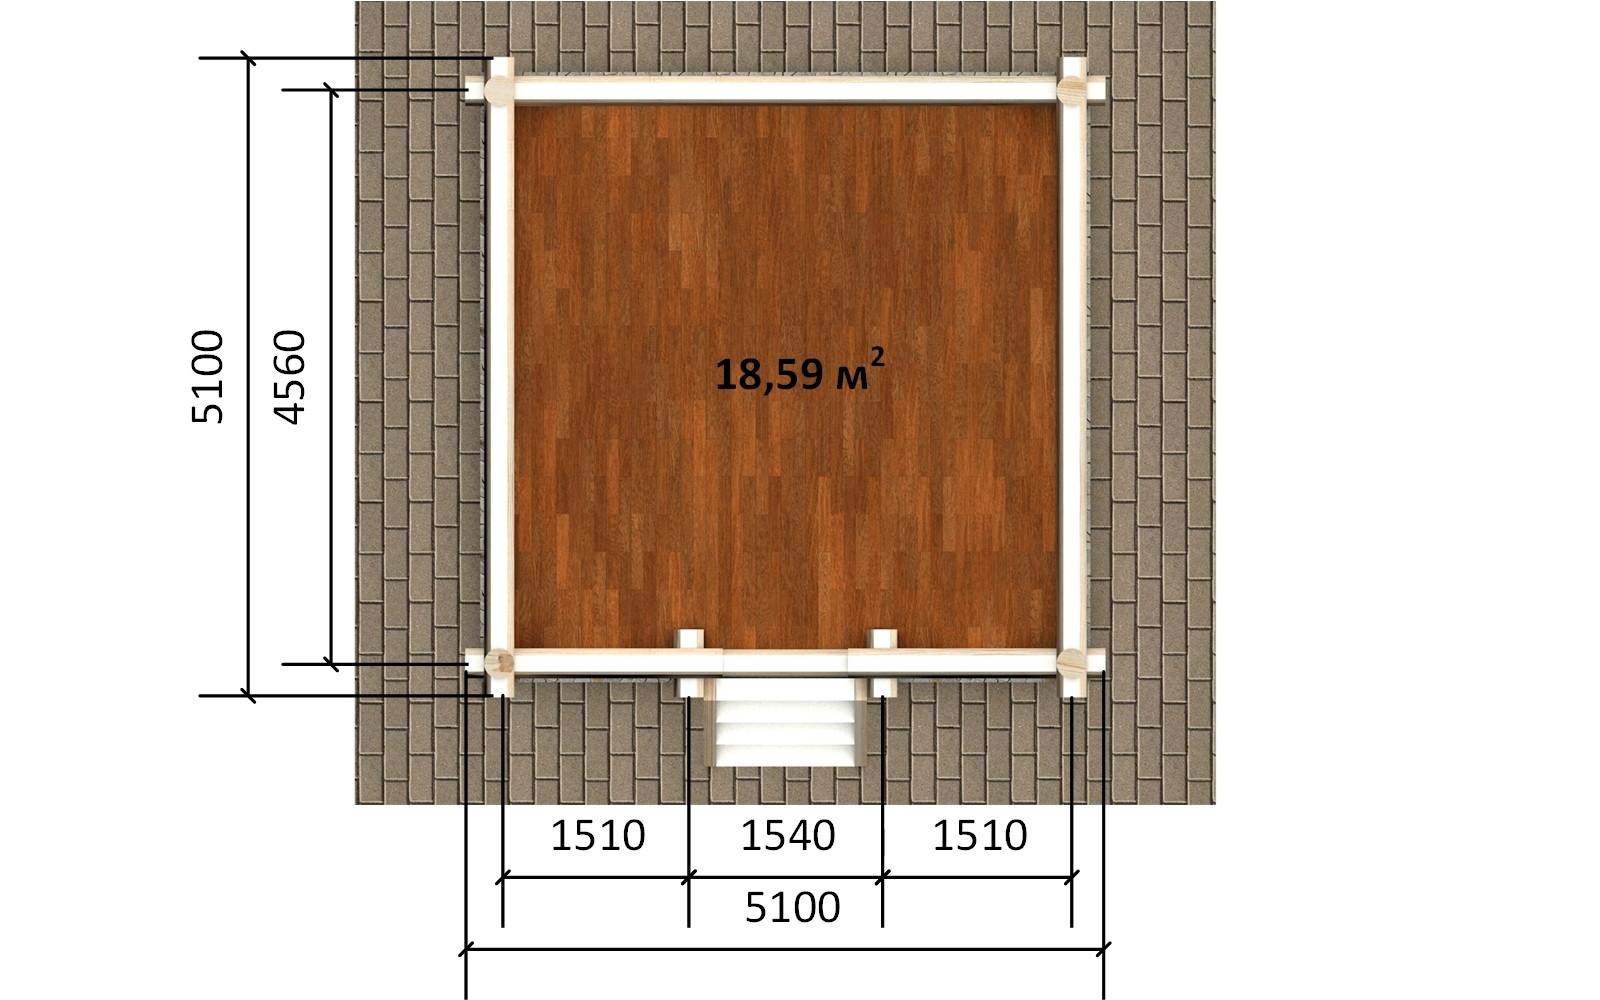 Фото #4: деревянная беседка БС-4 из бревна